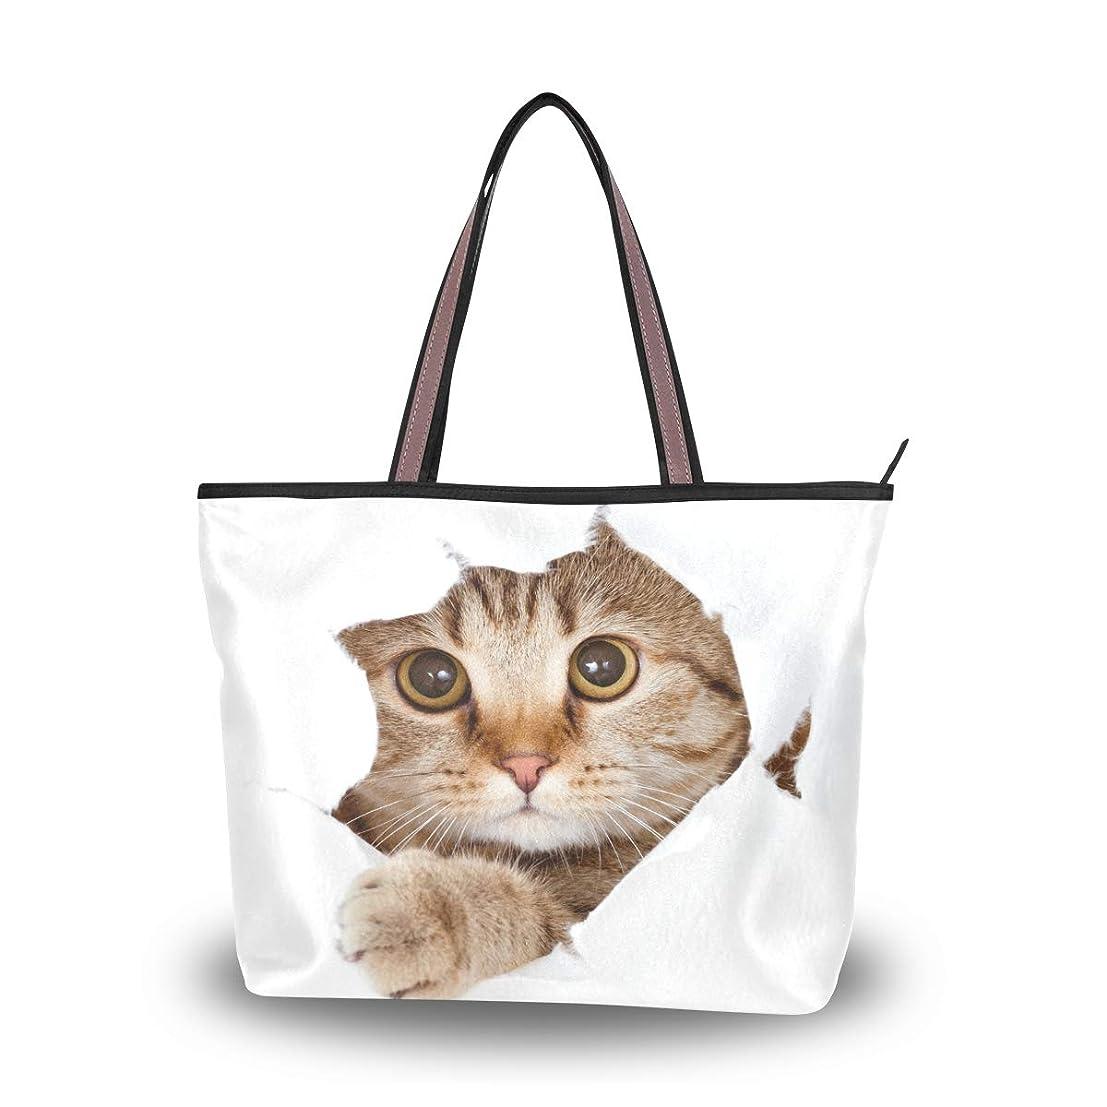 示す泥だらけちょっと待ってマキク(MAKIKU) トートバッグ レディース 大容量 キャンバス 布 a4 軽量 2way 肩掛け 大きめ ファスナー M L かわいい 猫 望でいる 猫柄